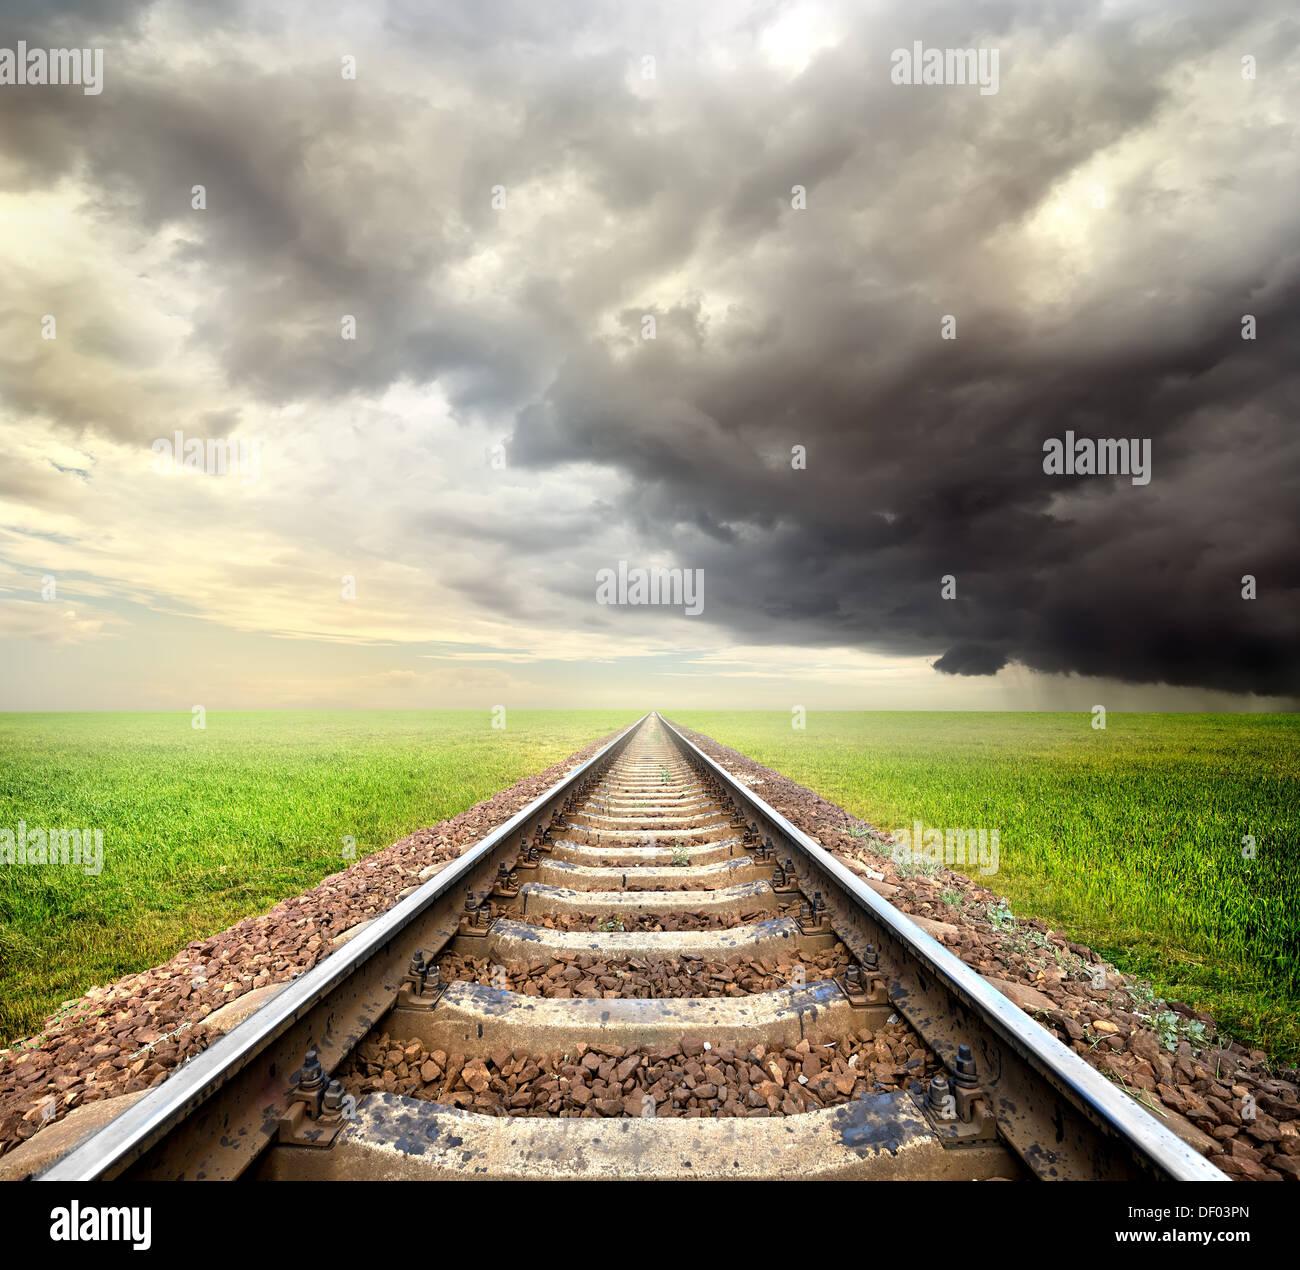 Eisenbahn in das Feld und Gewitterwolken Stockbild